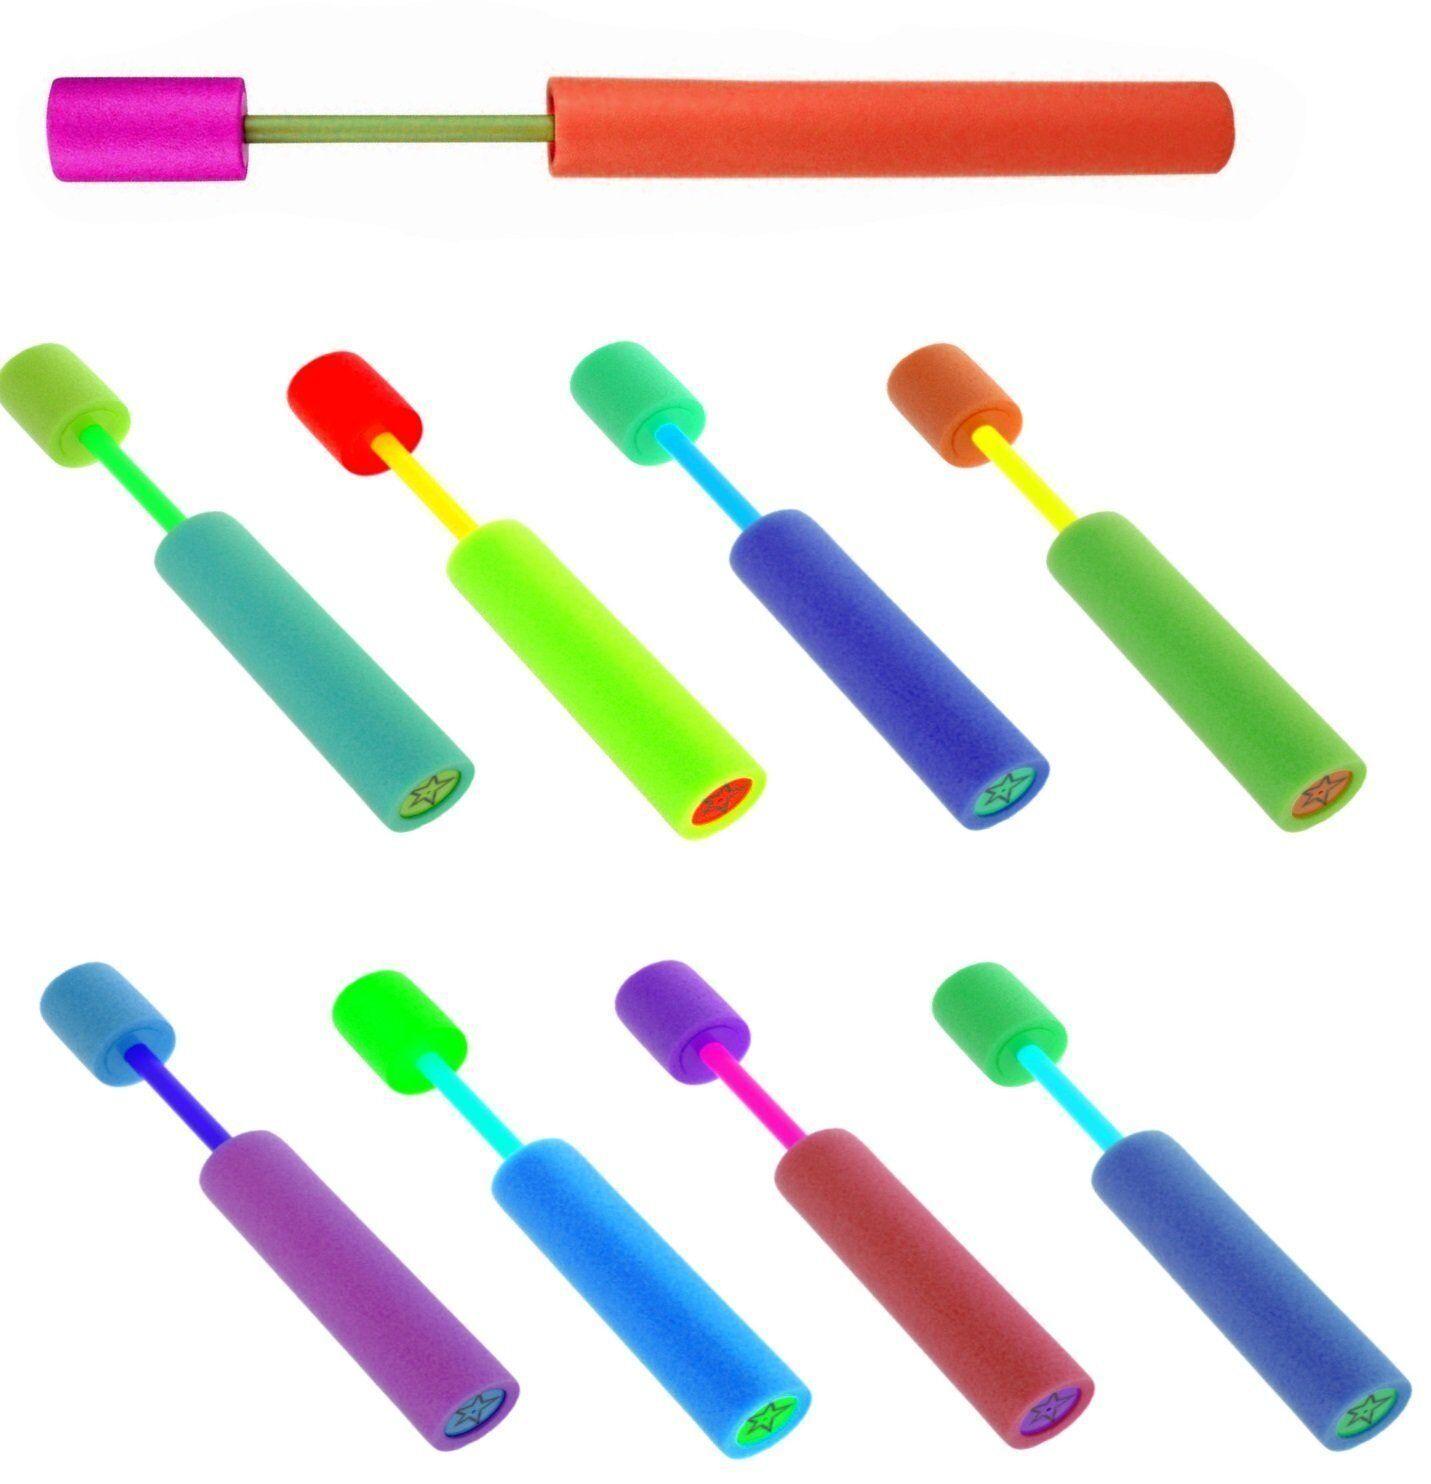 Poolkanone Wasserspritze 36 cm Wasserpistole Wasser Pool Kanone Spielzeug Kinder